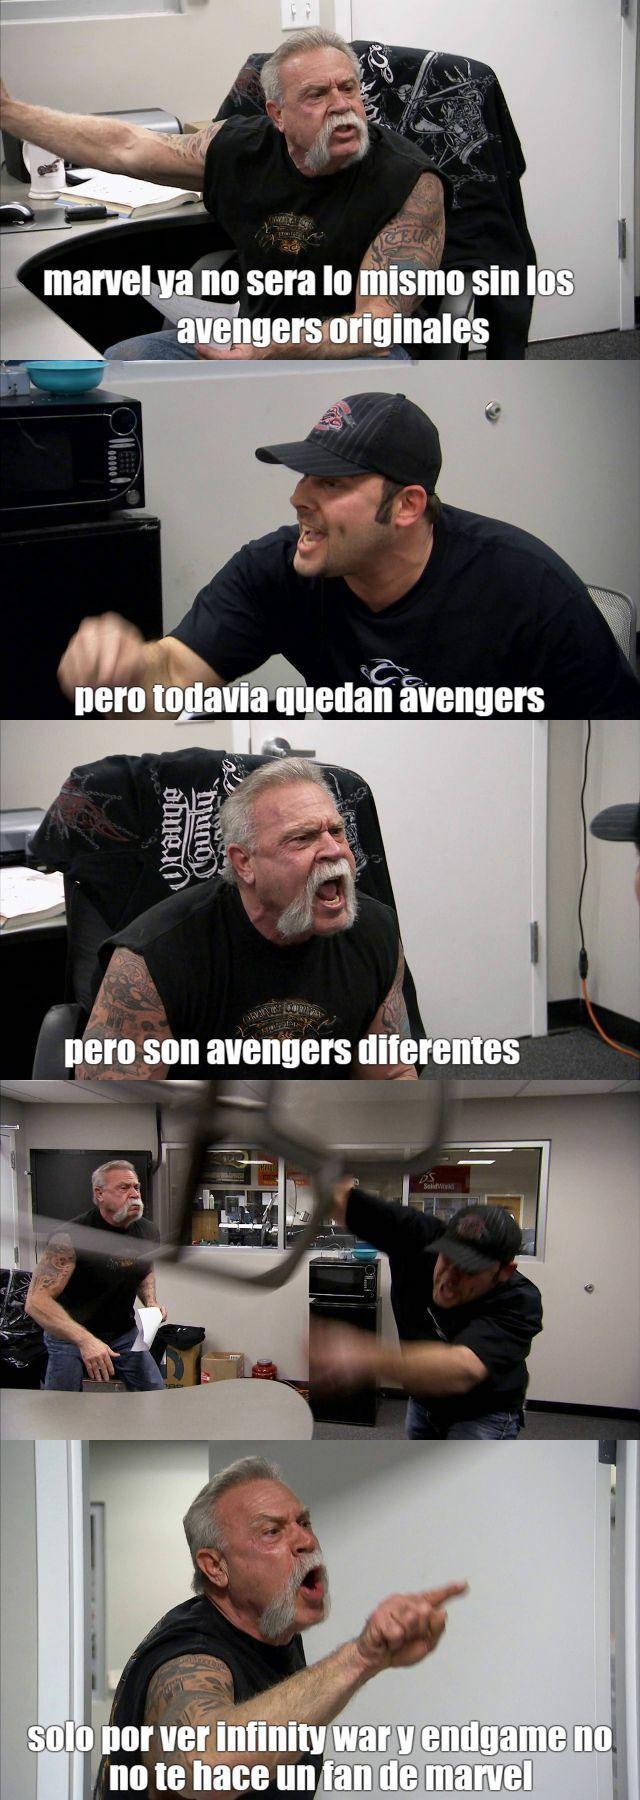 no se si ya hay un meme igual/parecido a este